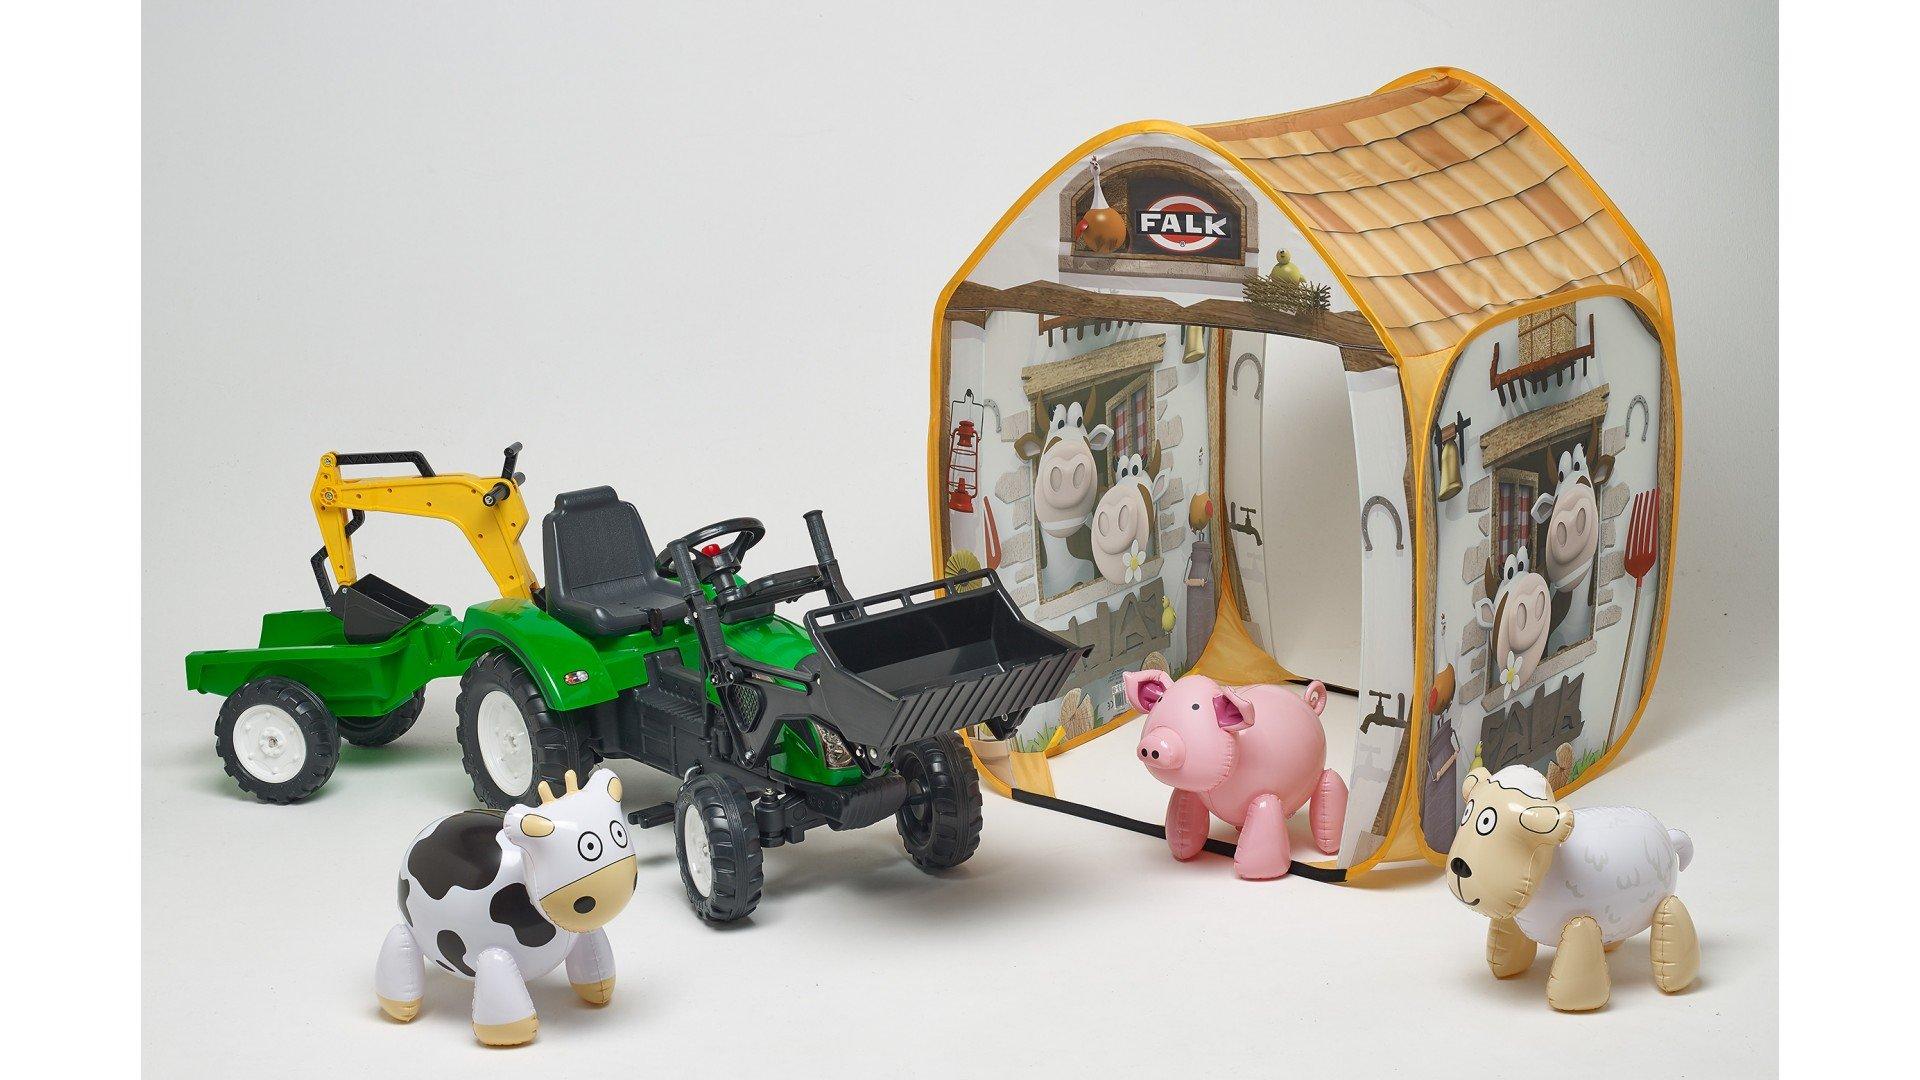 Tractor pedales ranch trac verde con pala delantera + trasera + remolque + granja con animales